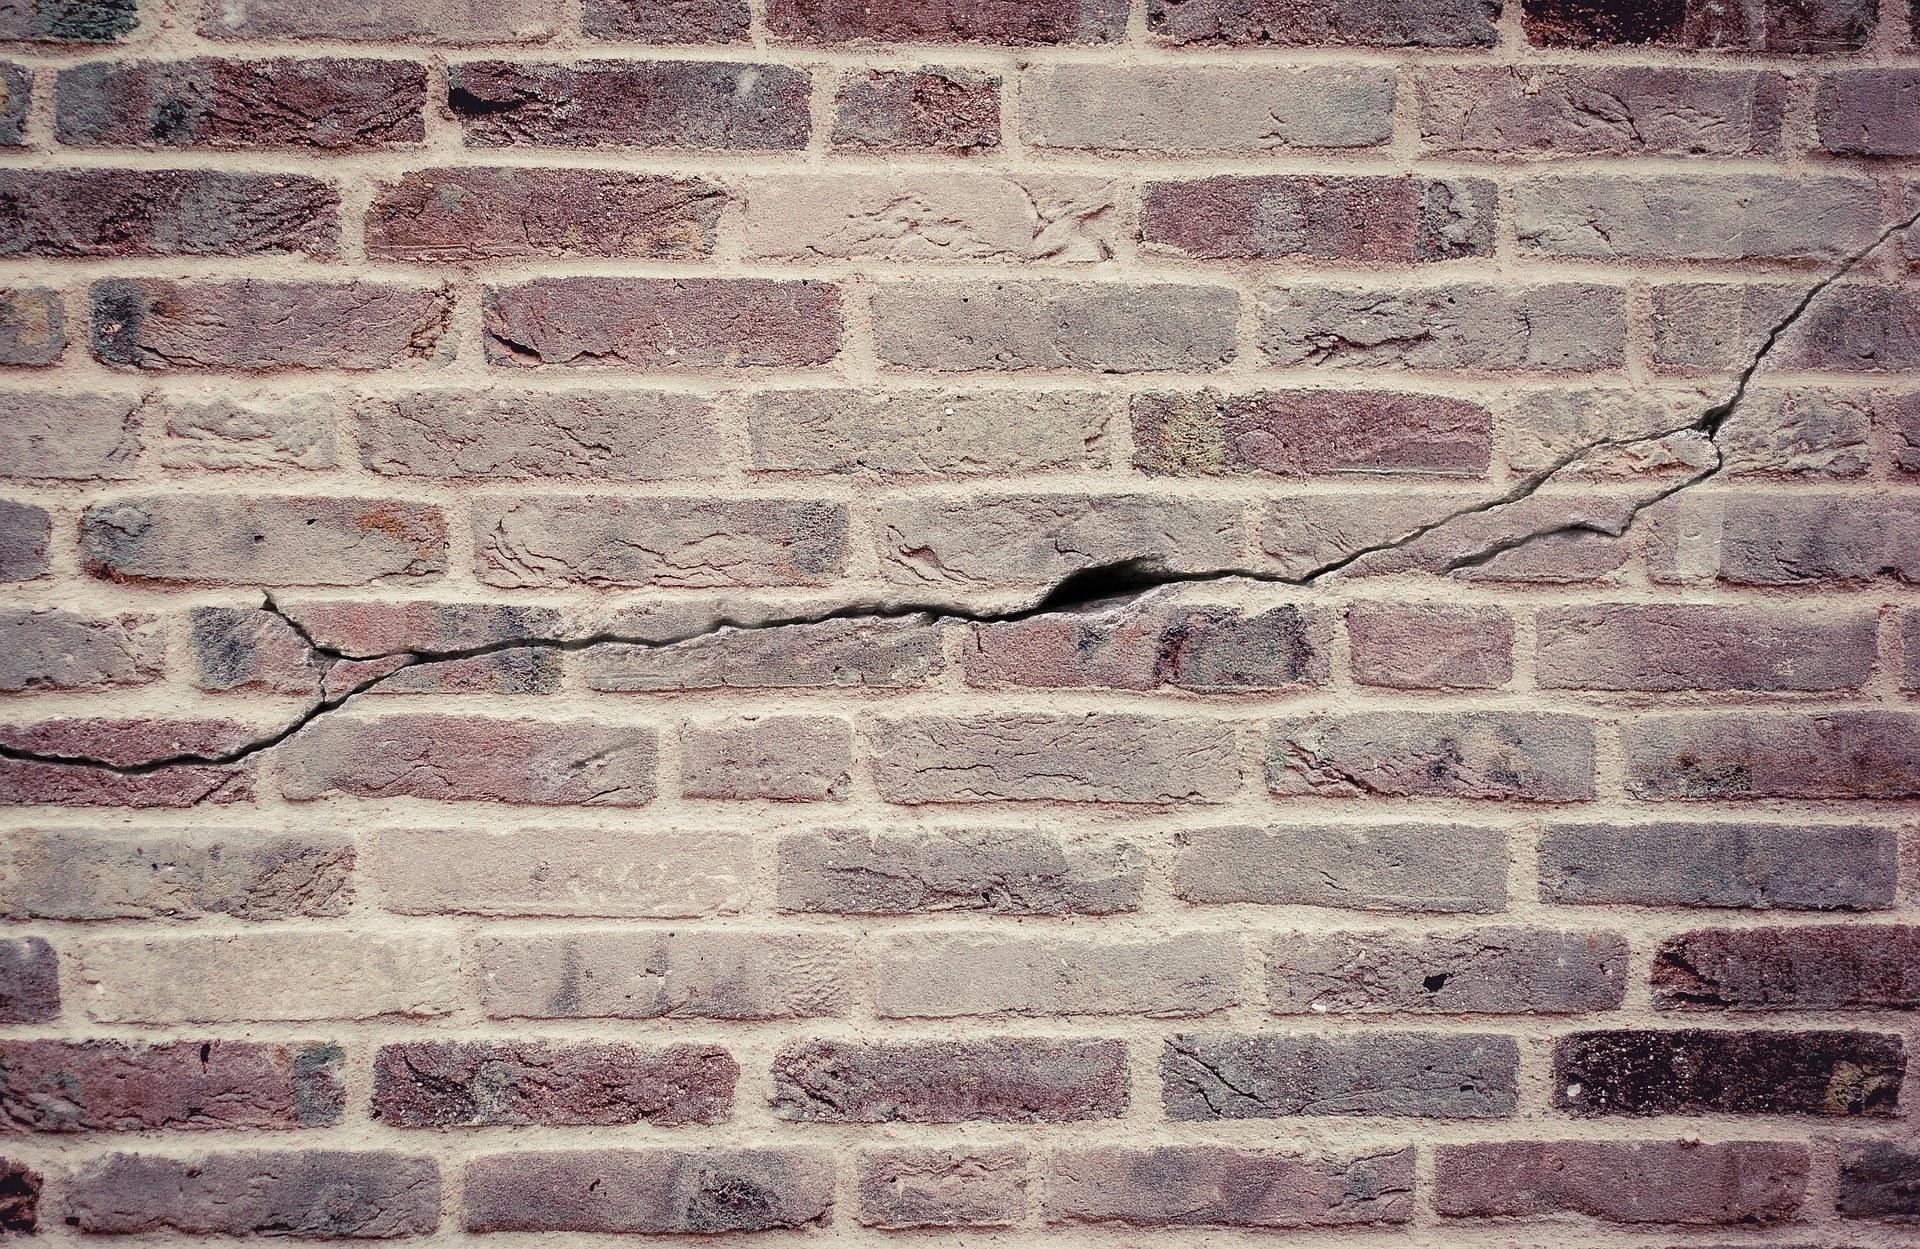 wall_1179614_1920.jpg#asset:2126